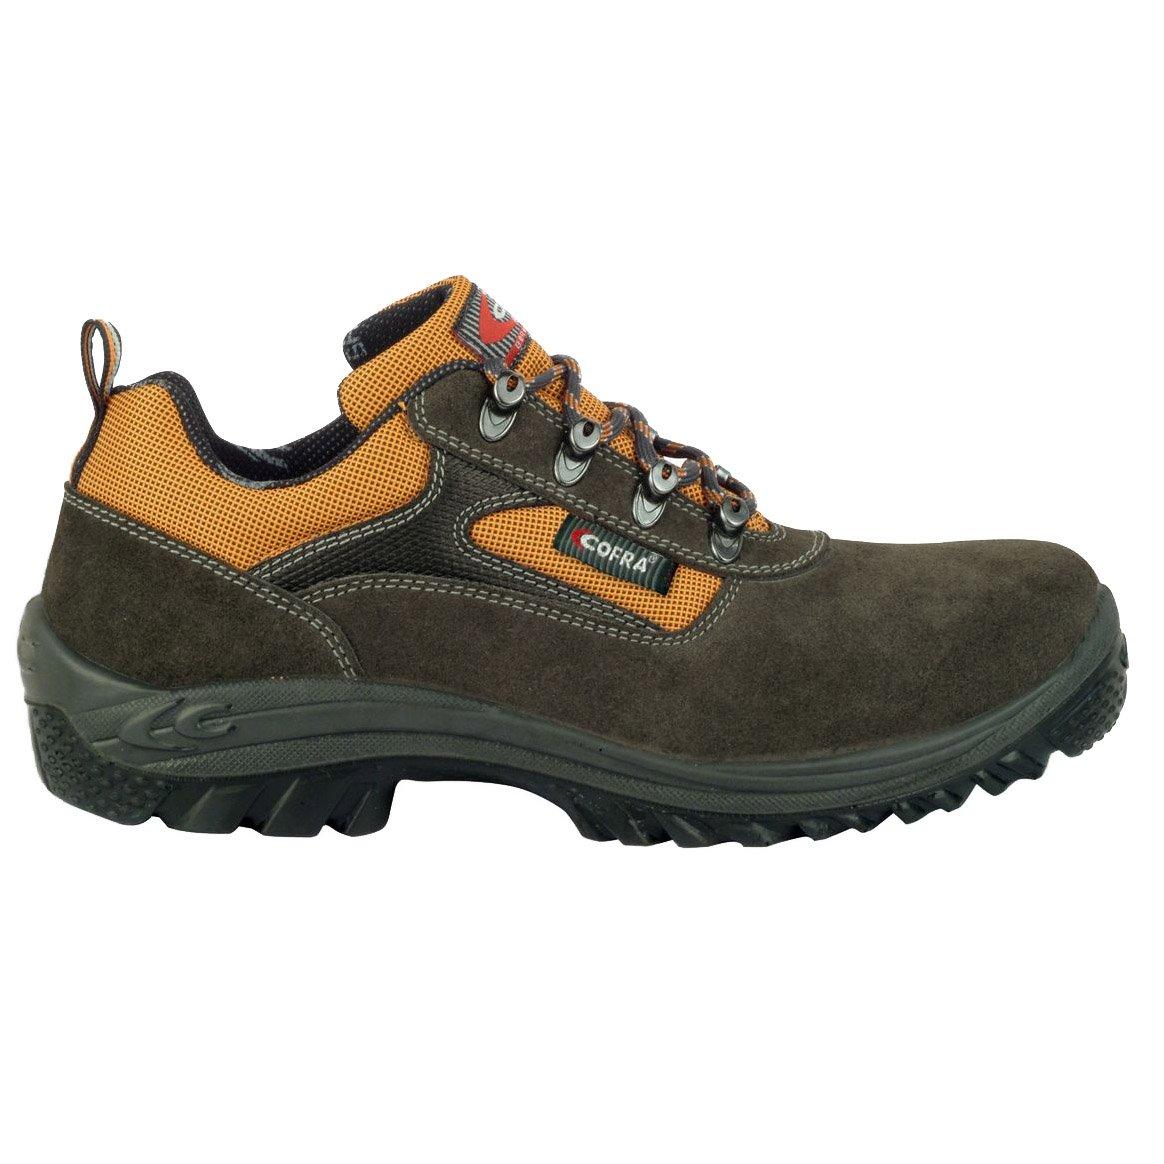 Cofra Roster Scarpe antinfortunistiche, S3 SRC, scarpe per sicurezza sul lavoro, 46, grey, 1  -